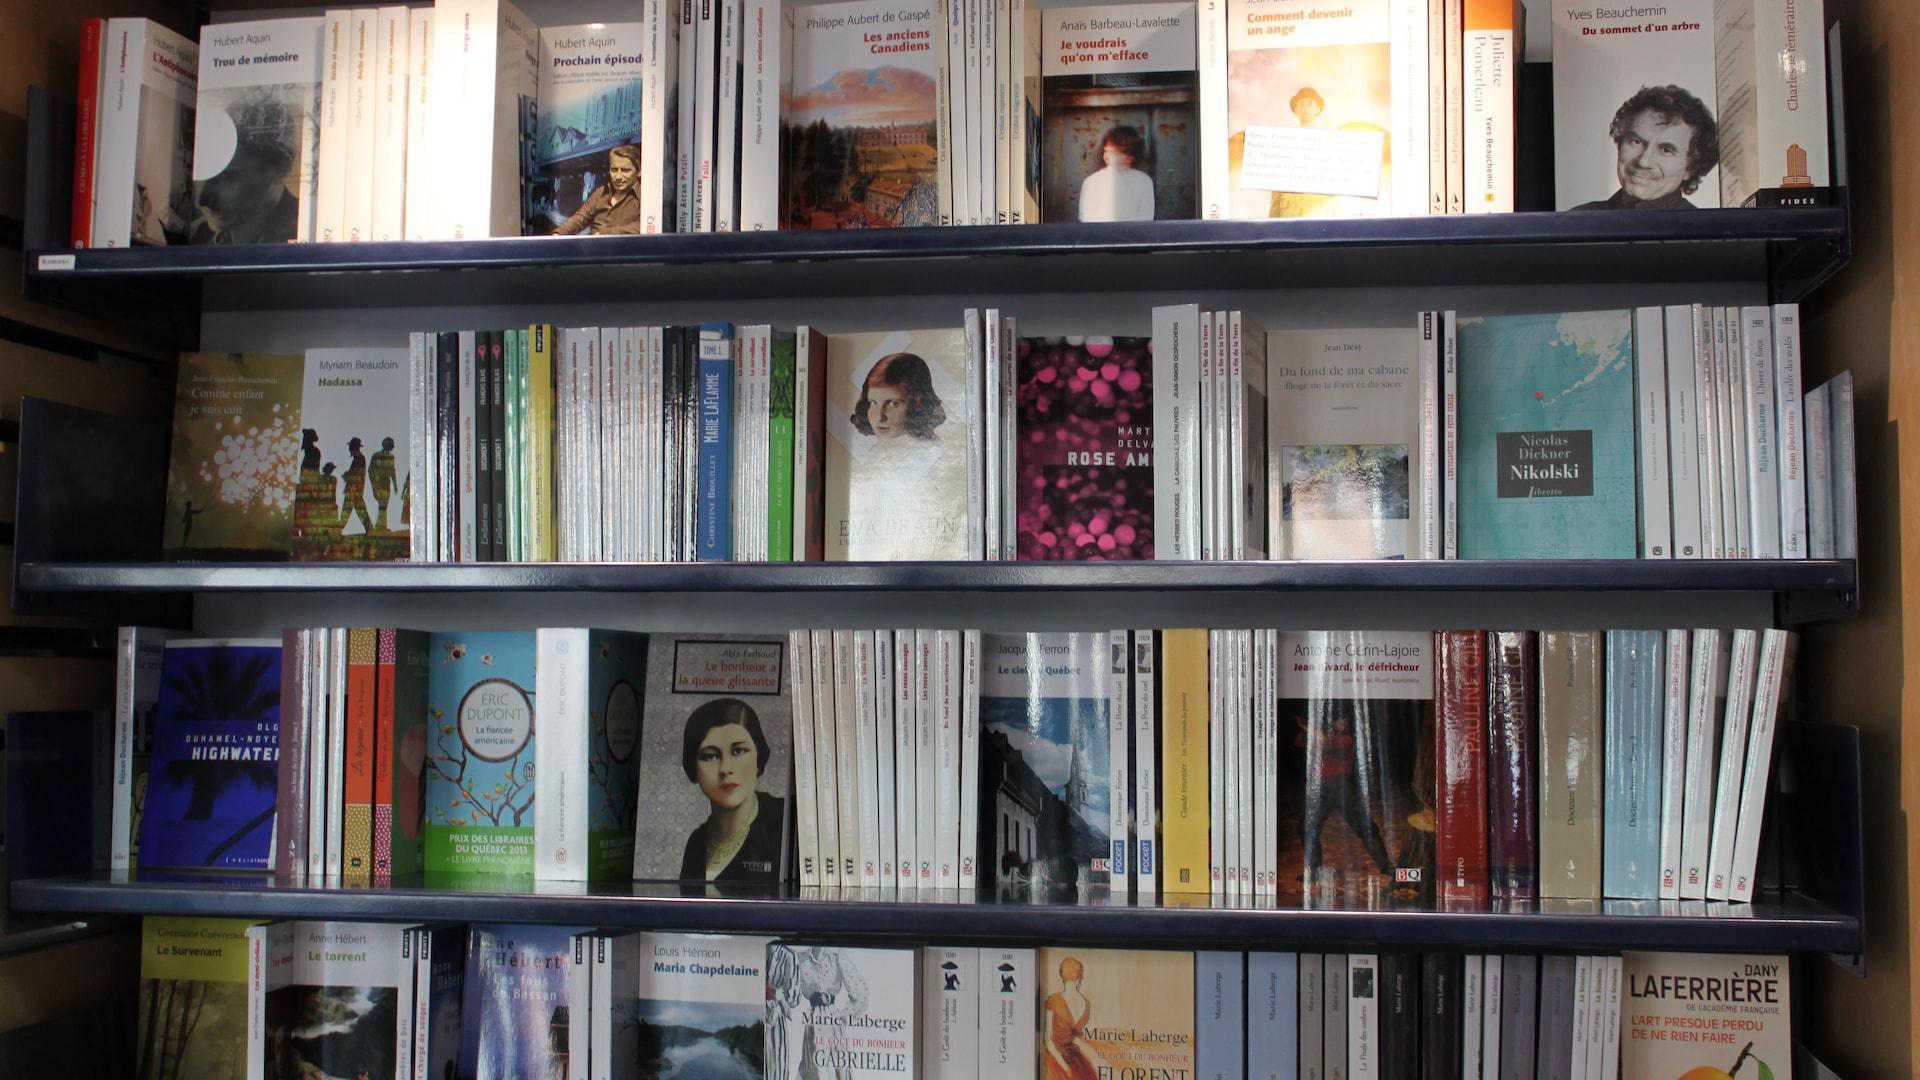 De nombreux livres sont placés sur des tablettes.